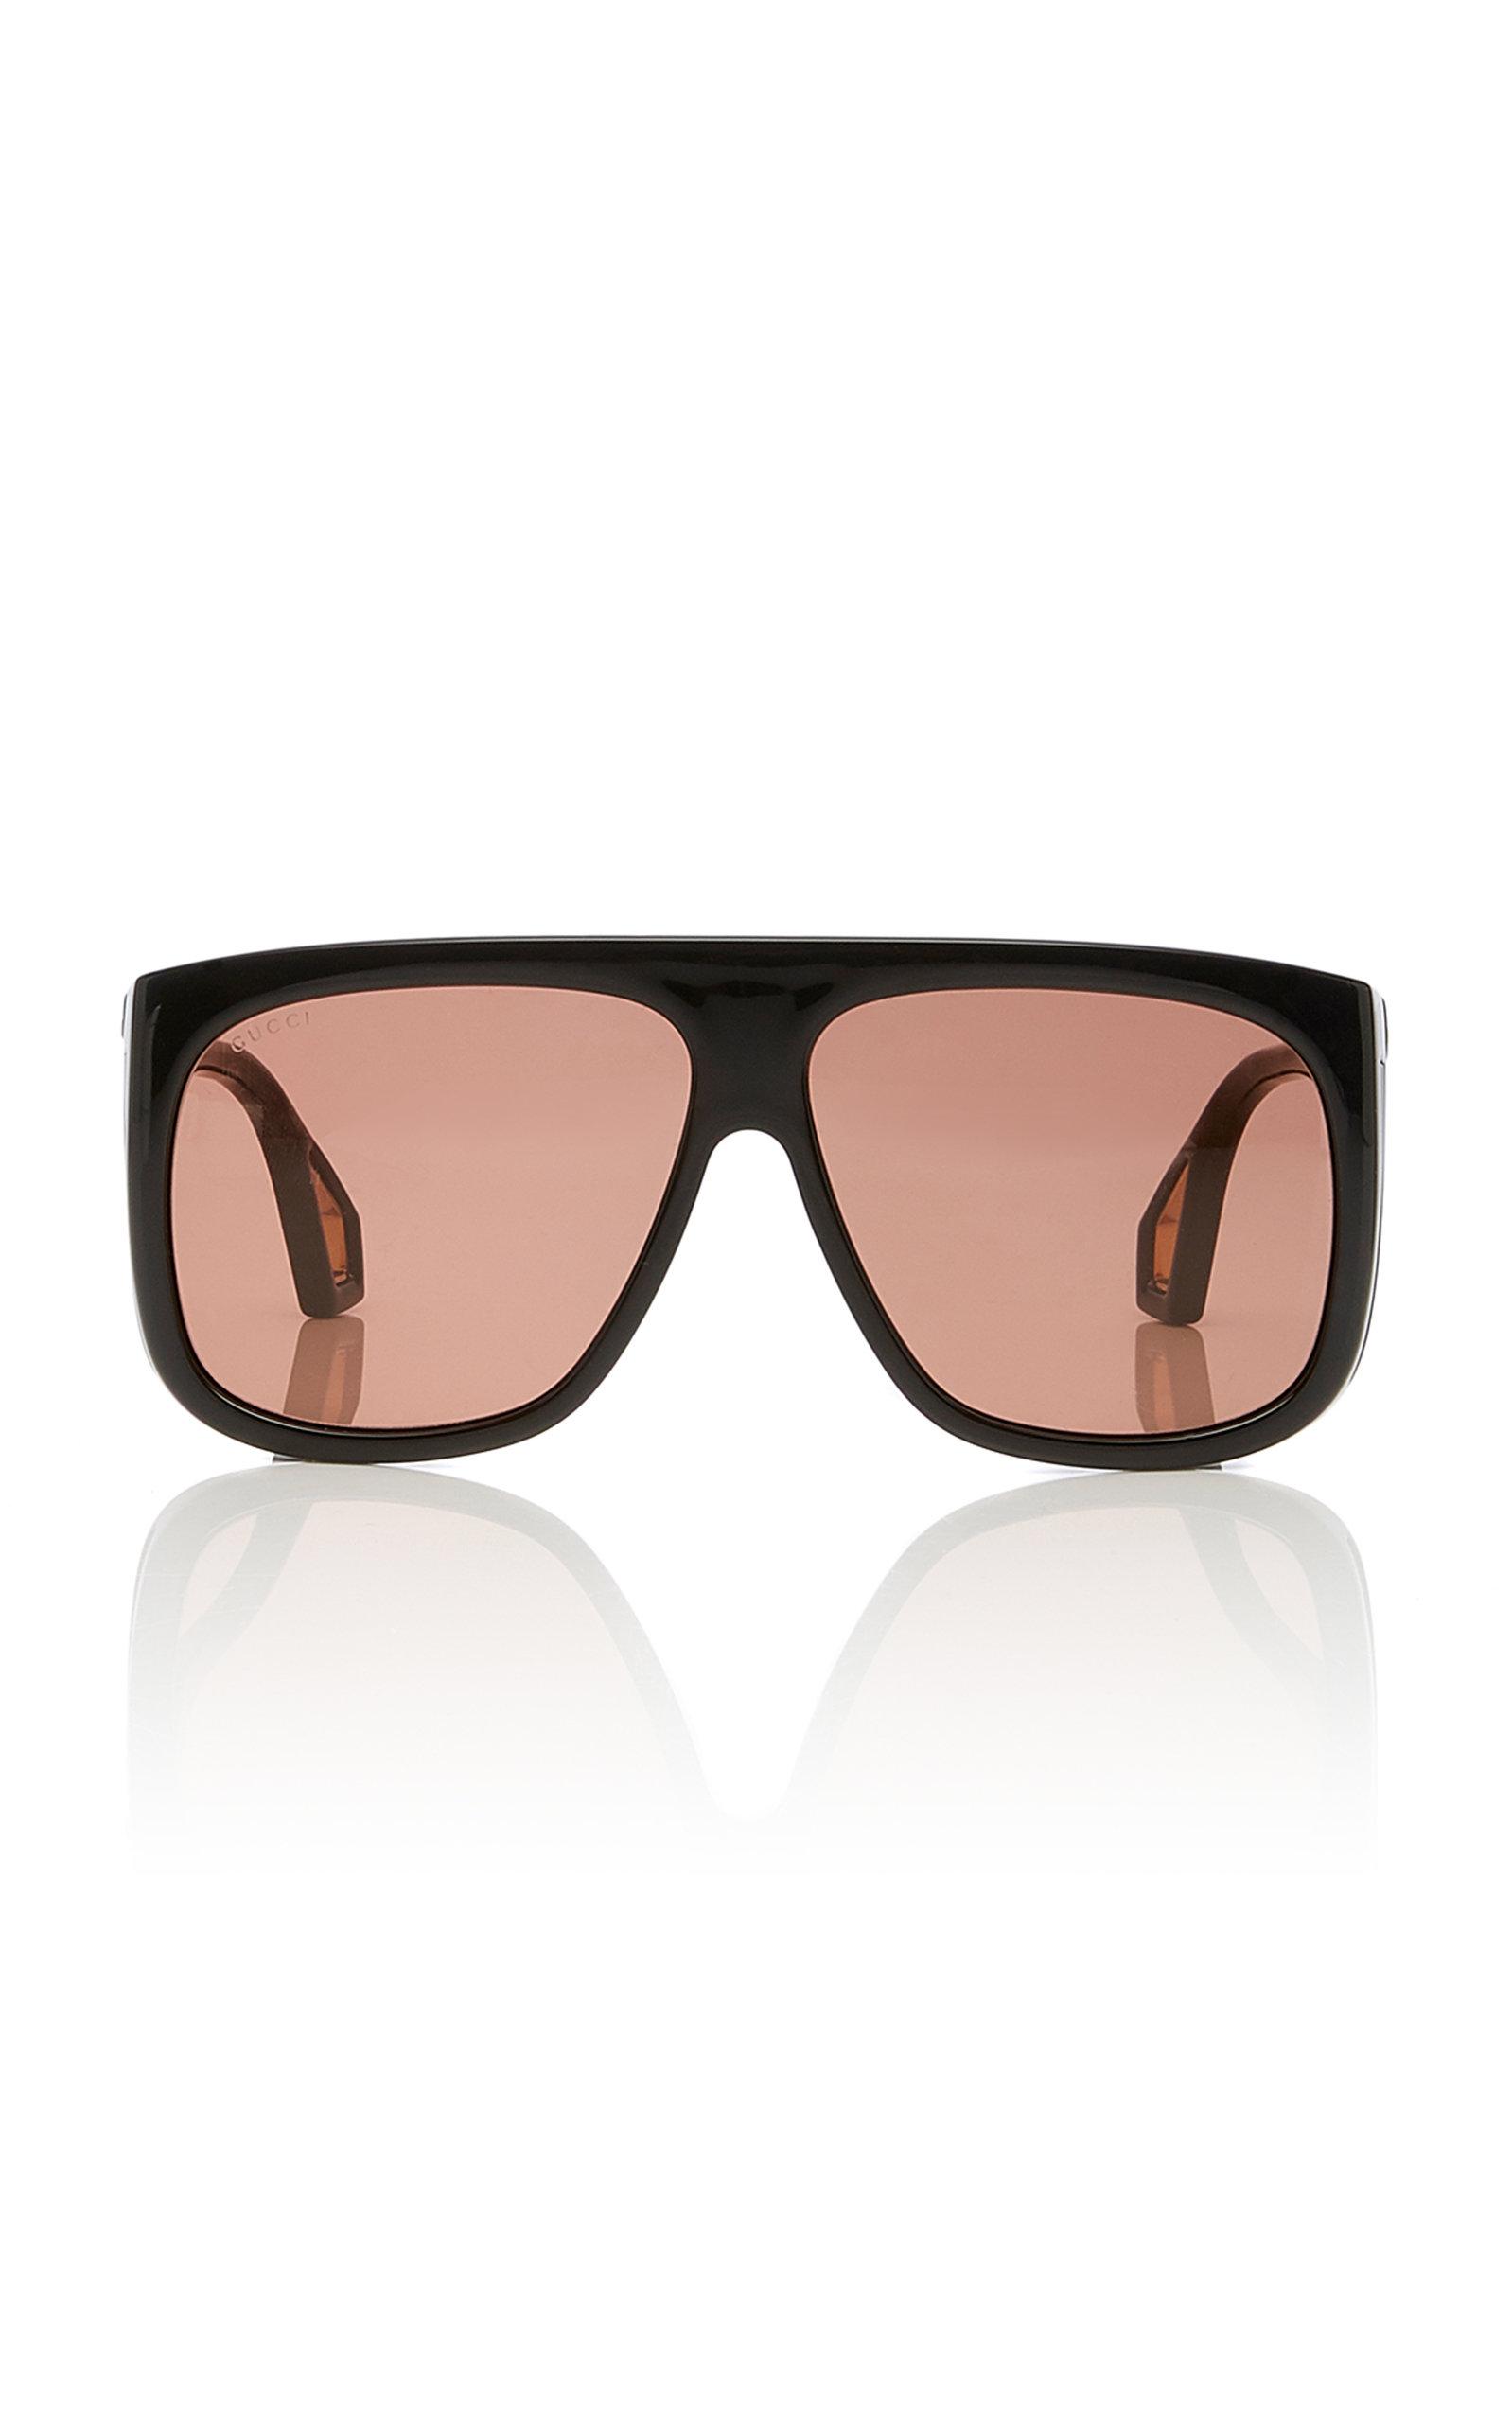 fa2e4183bb0 Square-Frame Acetate Sunglasses by Gucci Sunglasses